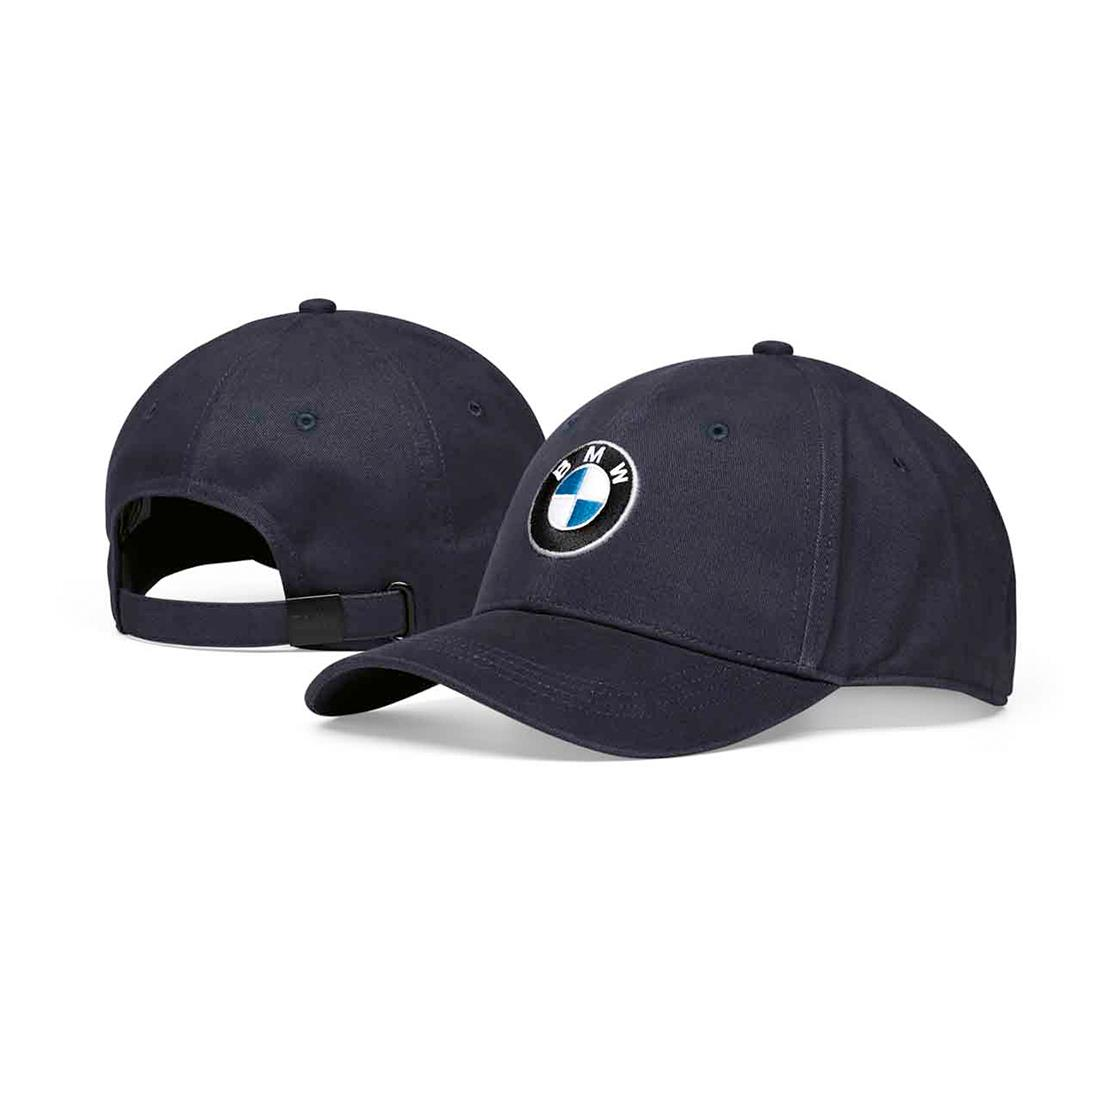 26ed407ecbd ShopBMWUSA.com  BMW LOGO CAP